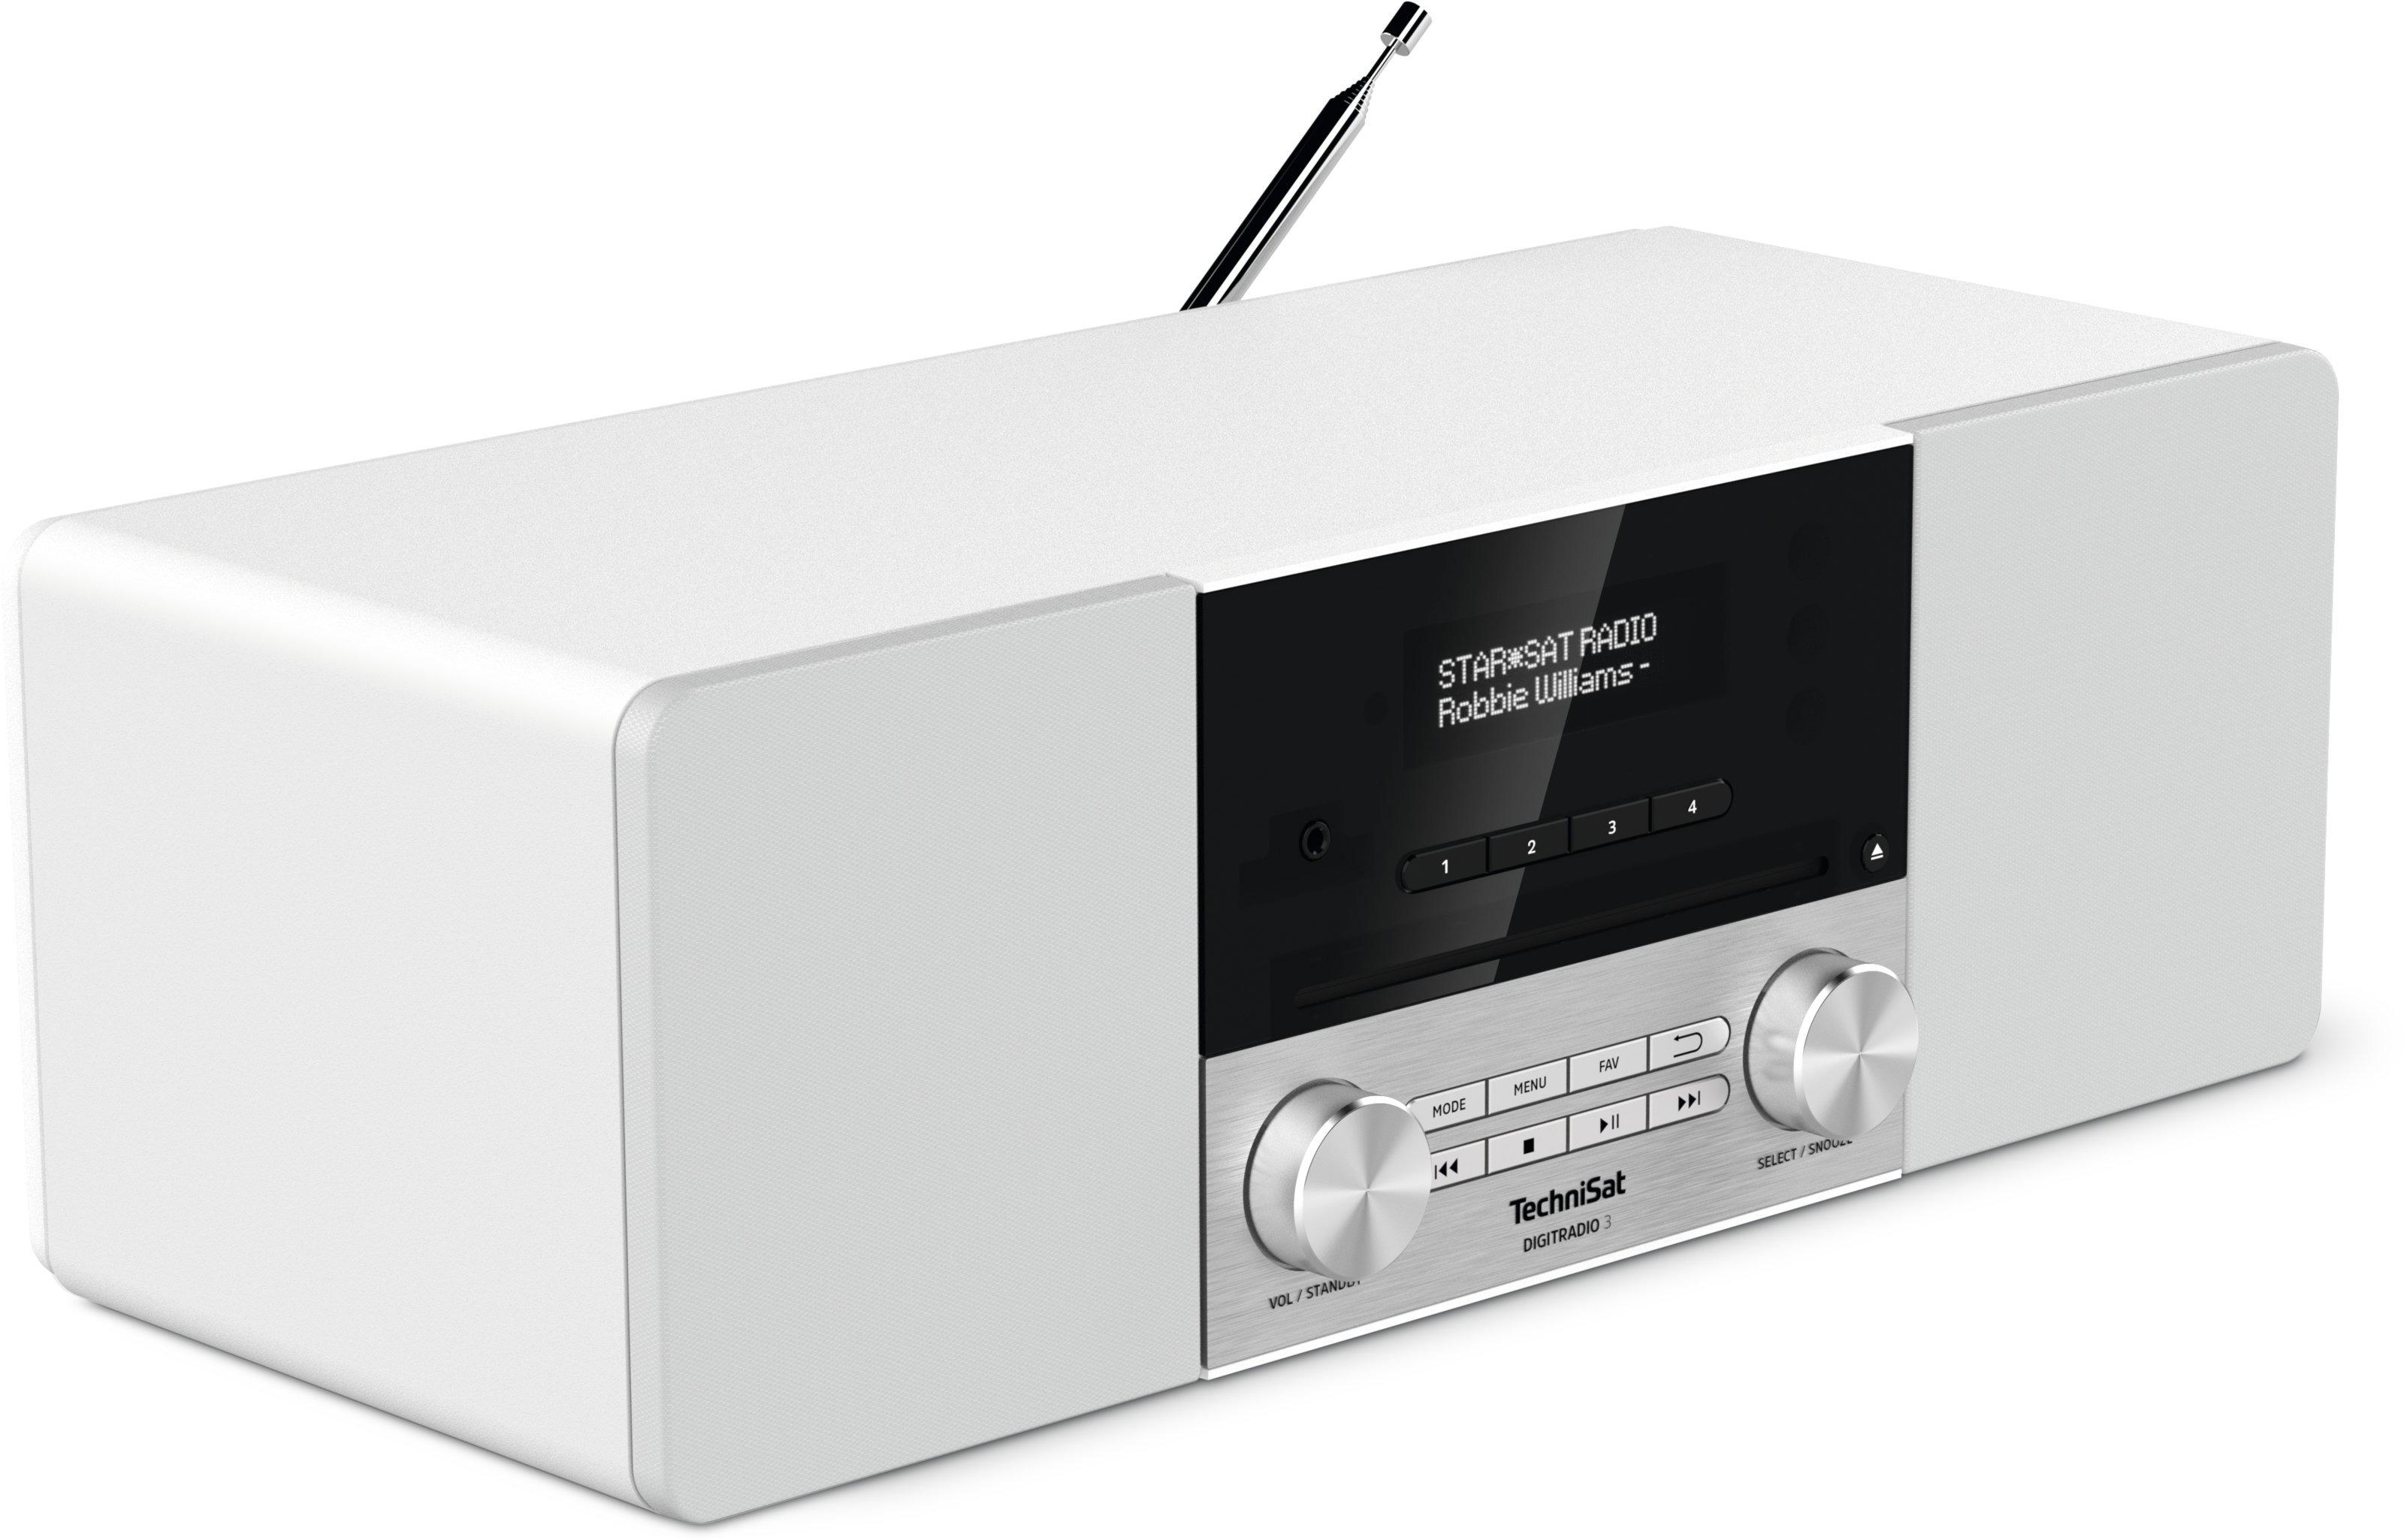 TechniSat Digitradio 3 DAB radio